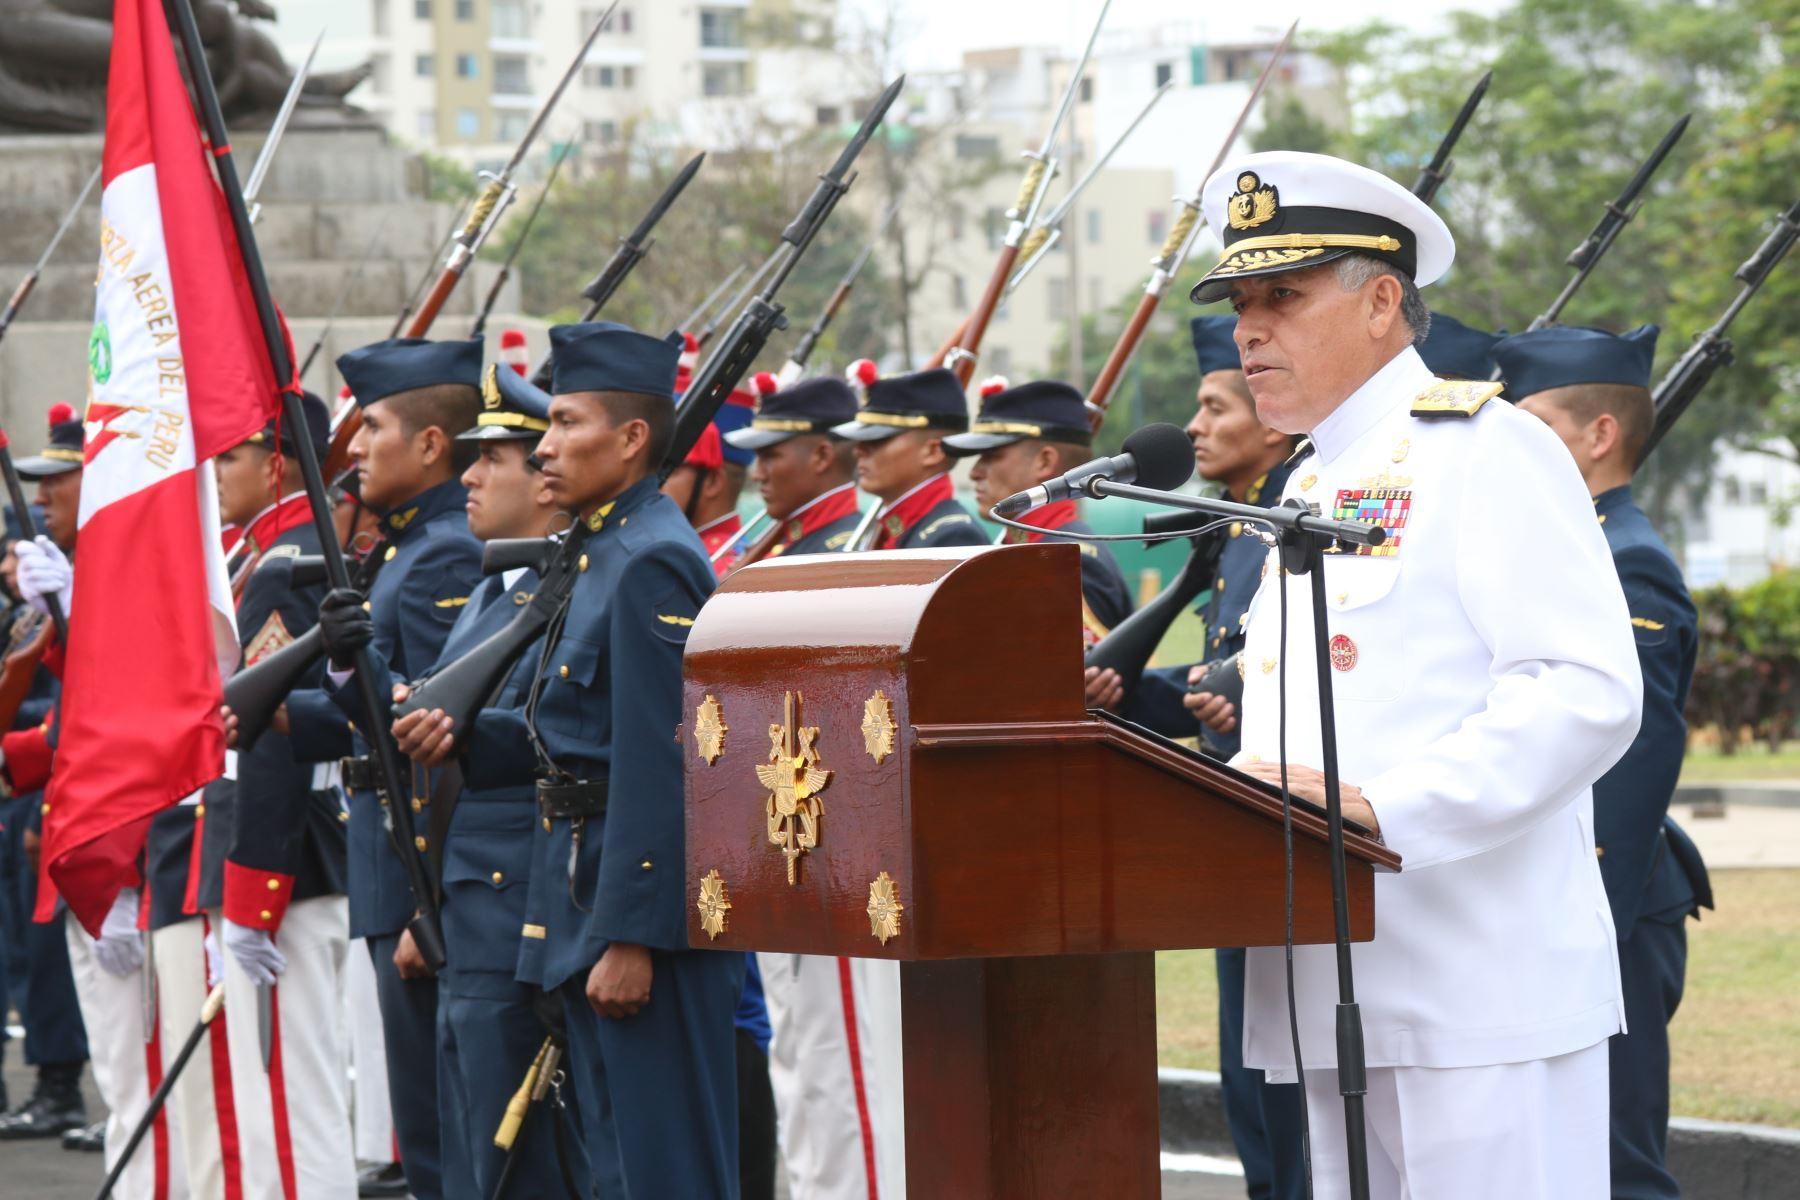 El jefe del Comando Conjunto de las FF AA, Jorge Moscoso, encabezó la ceremonia por el aniversario de esta institución.